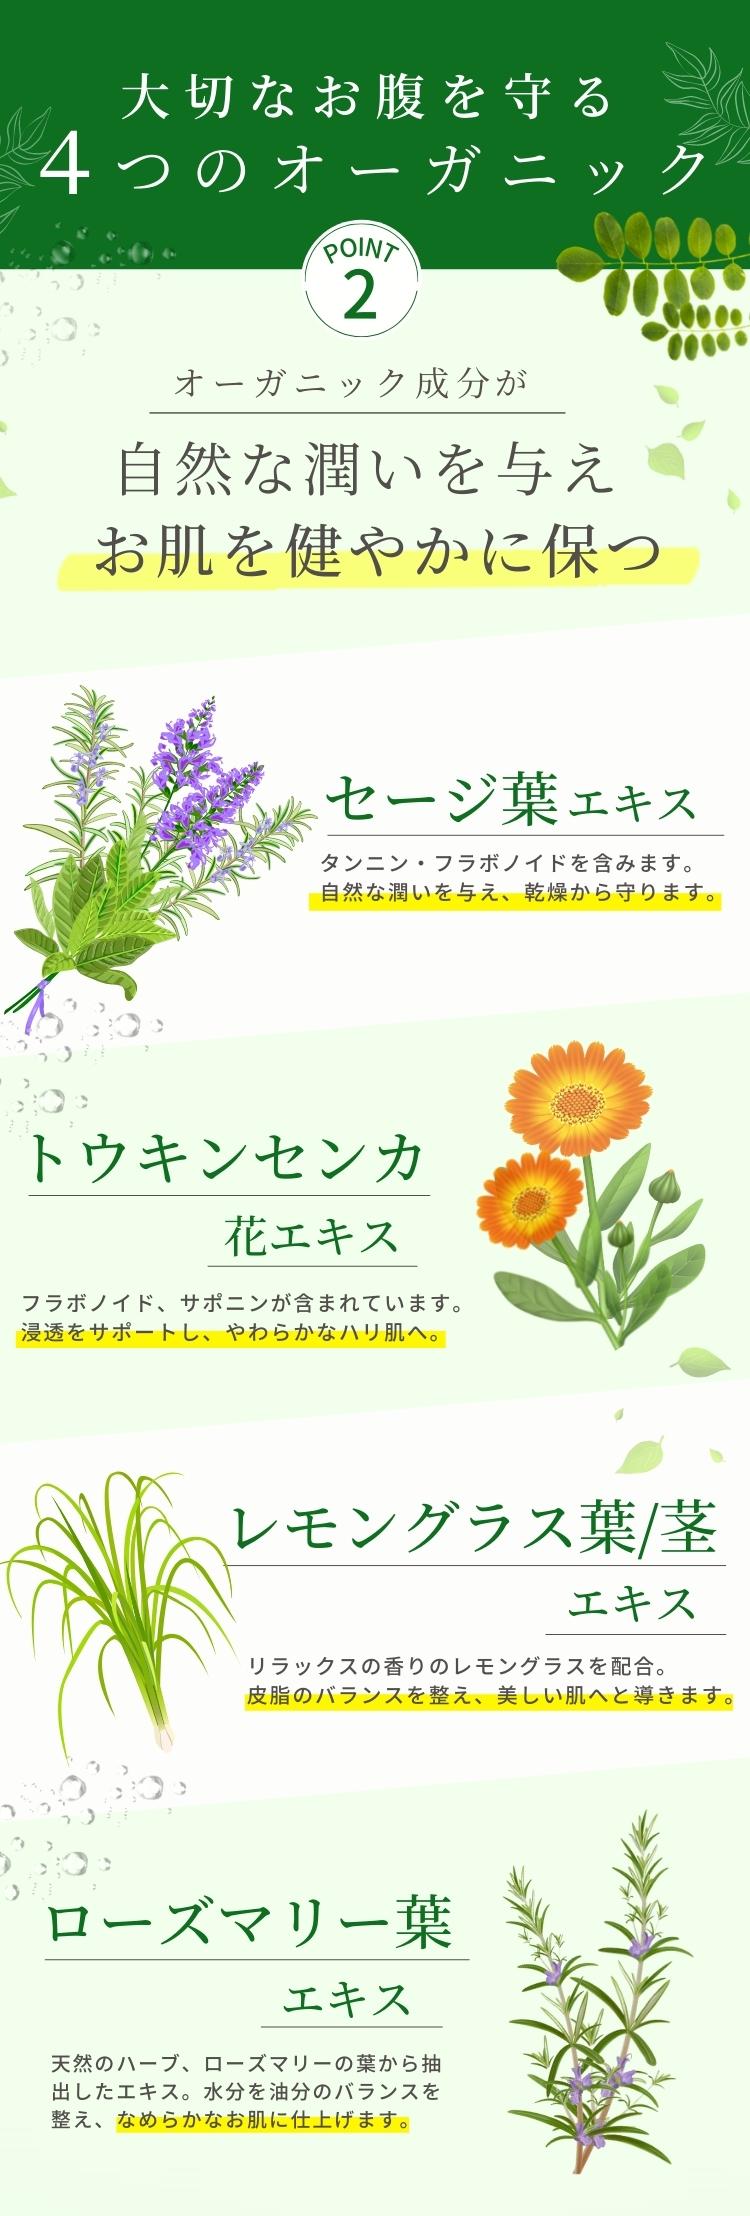 大切なお腹を守る4つのオーガニック セージ葉エキス トウキンセンカ花エキス レモングラス葉 茎エキス ローズマリー葉エキス